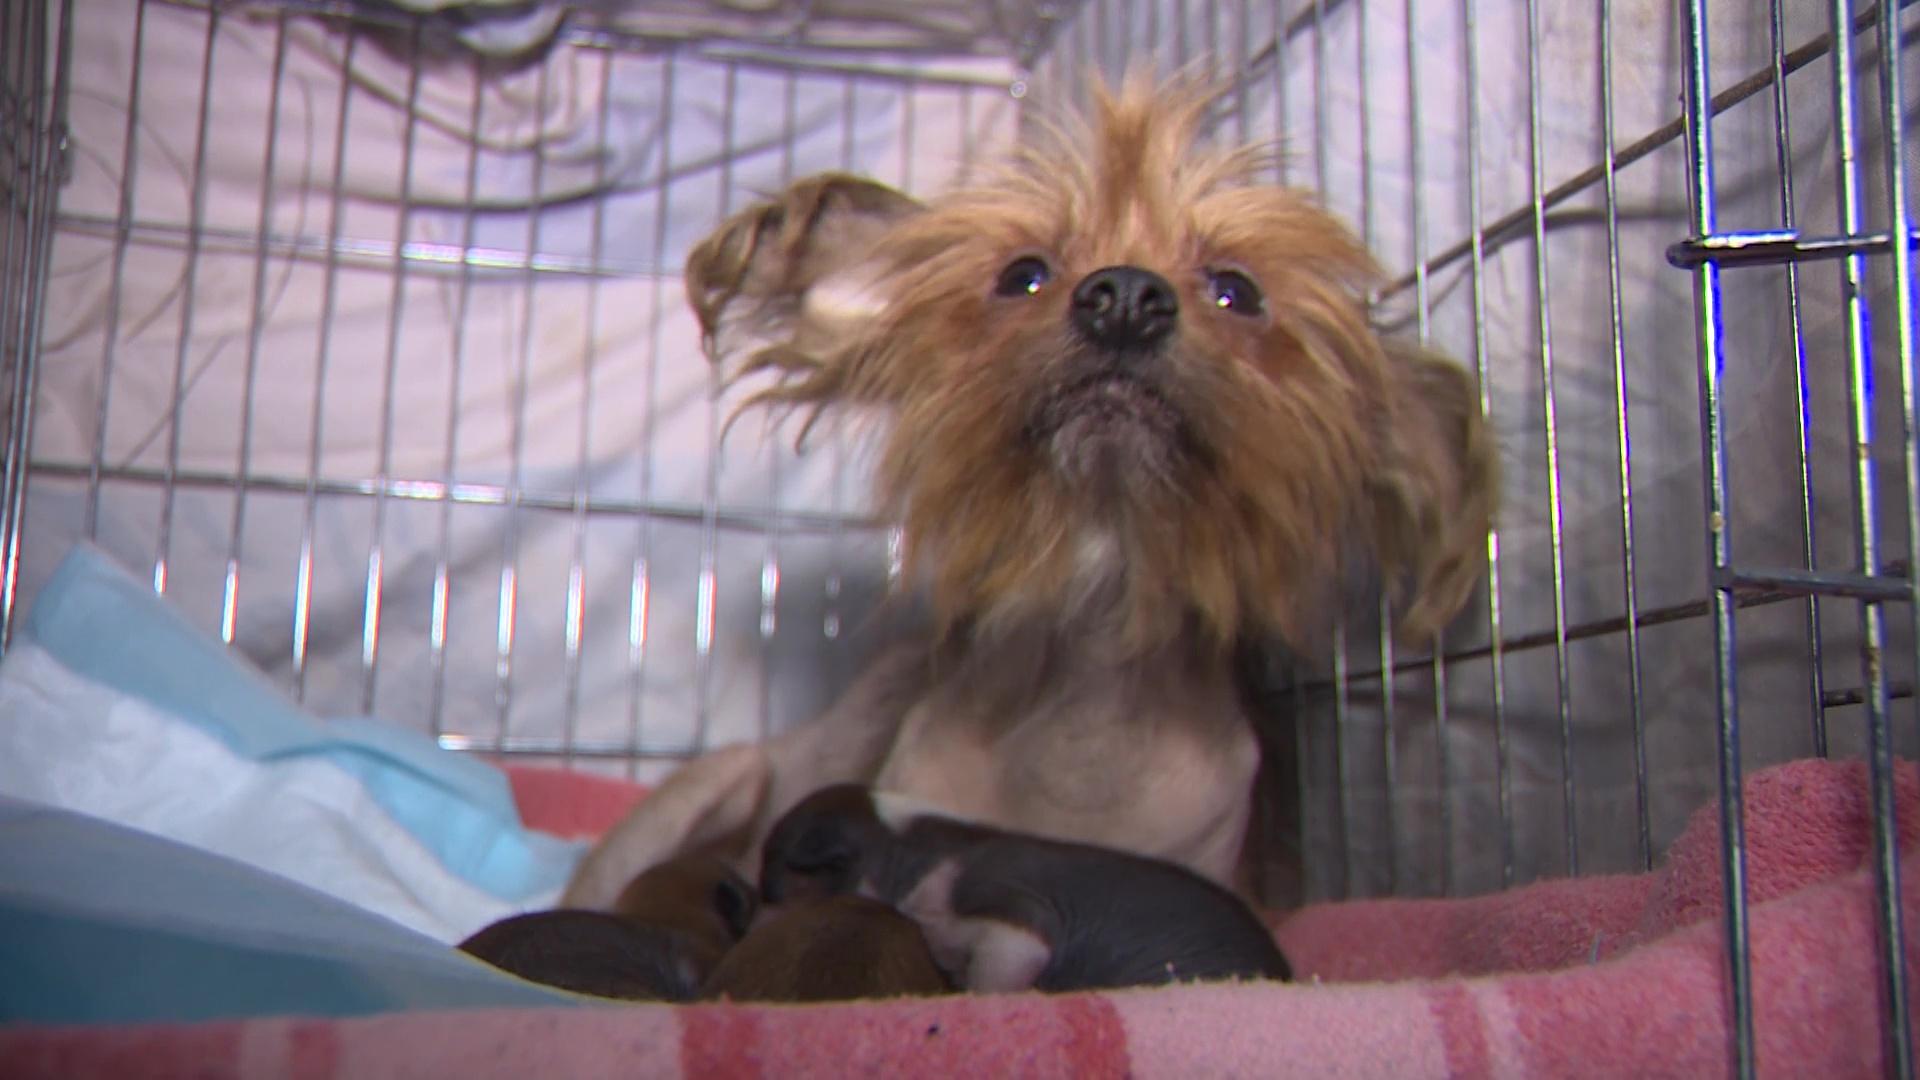 Пожар в ярославской квартире помог спастись собакам, жившим в антисанитарных условиях без еды